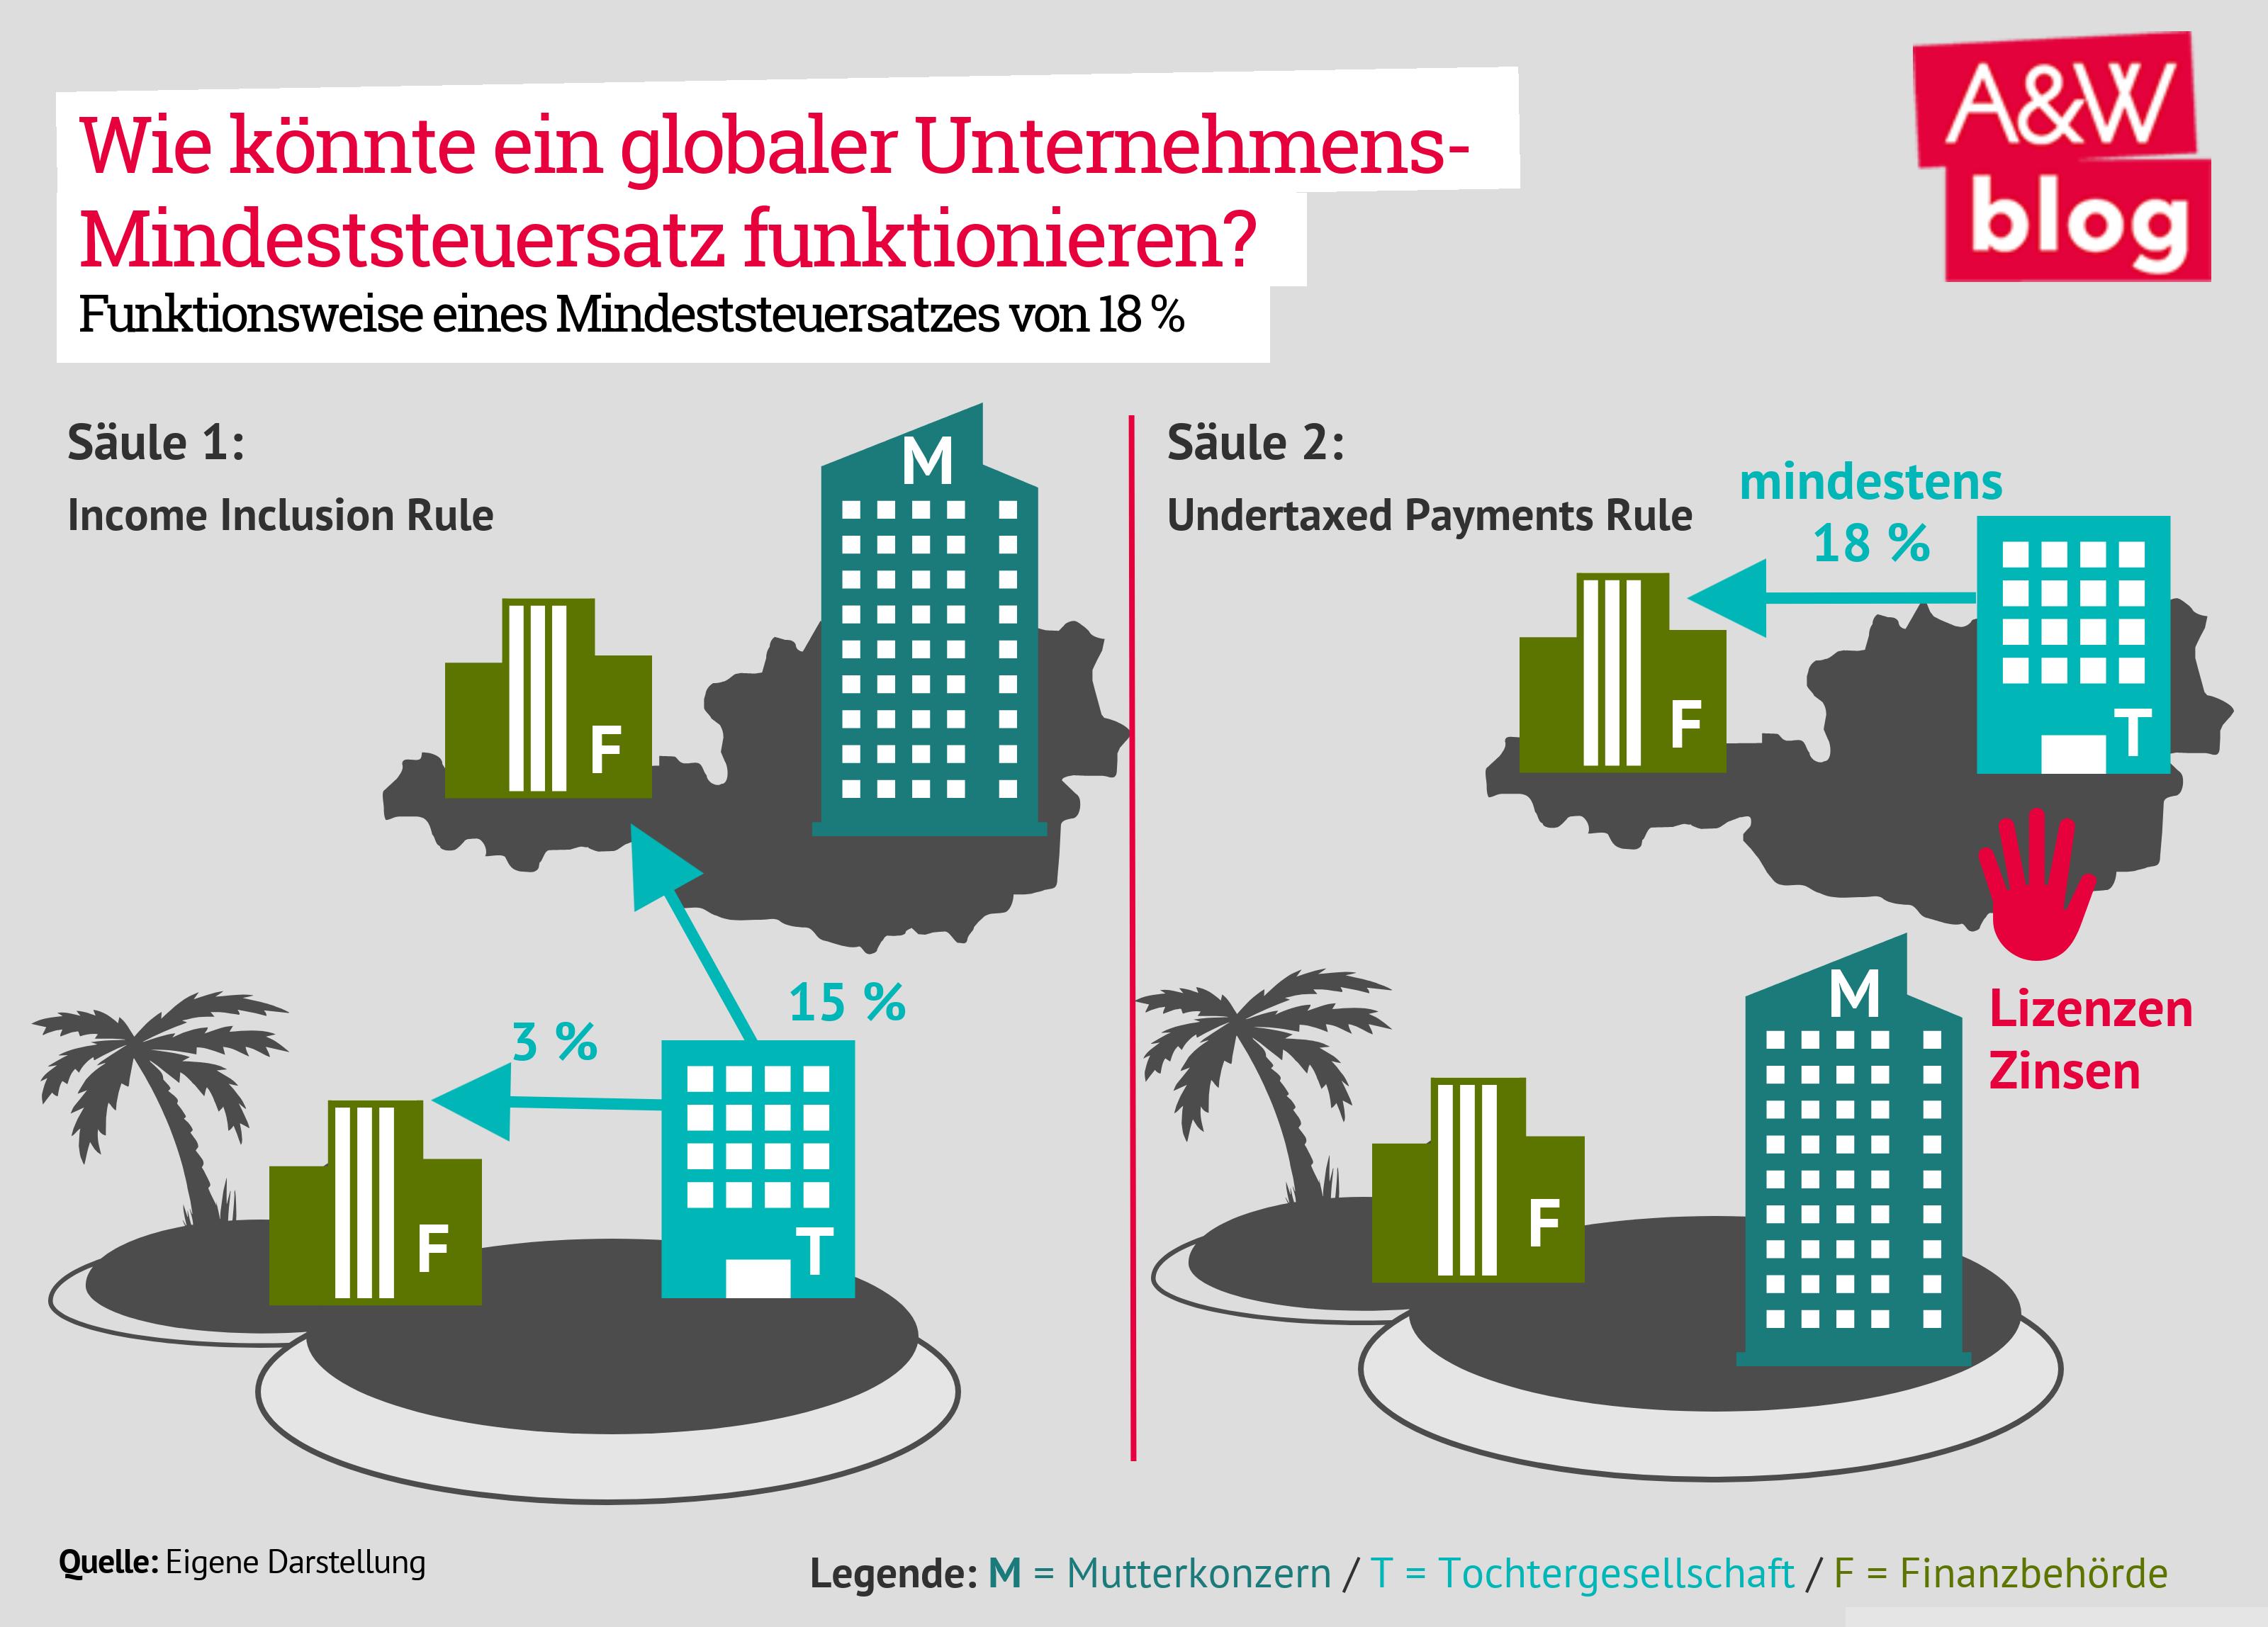 Wie könnte ein globaler Unternehmens-Mindeststeuersatz funktionieren?